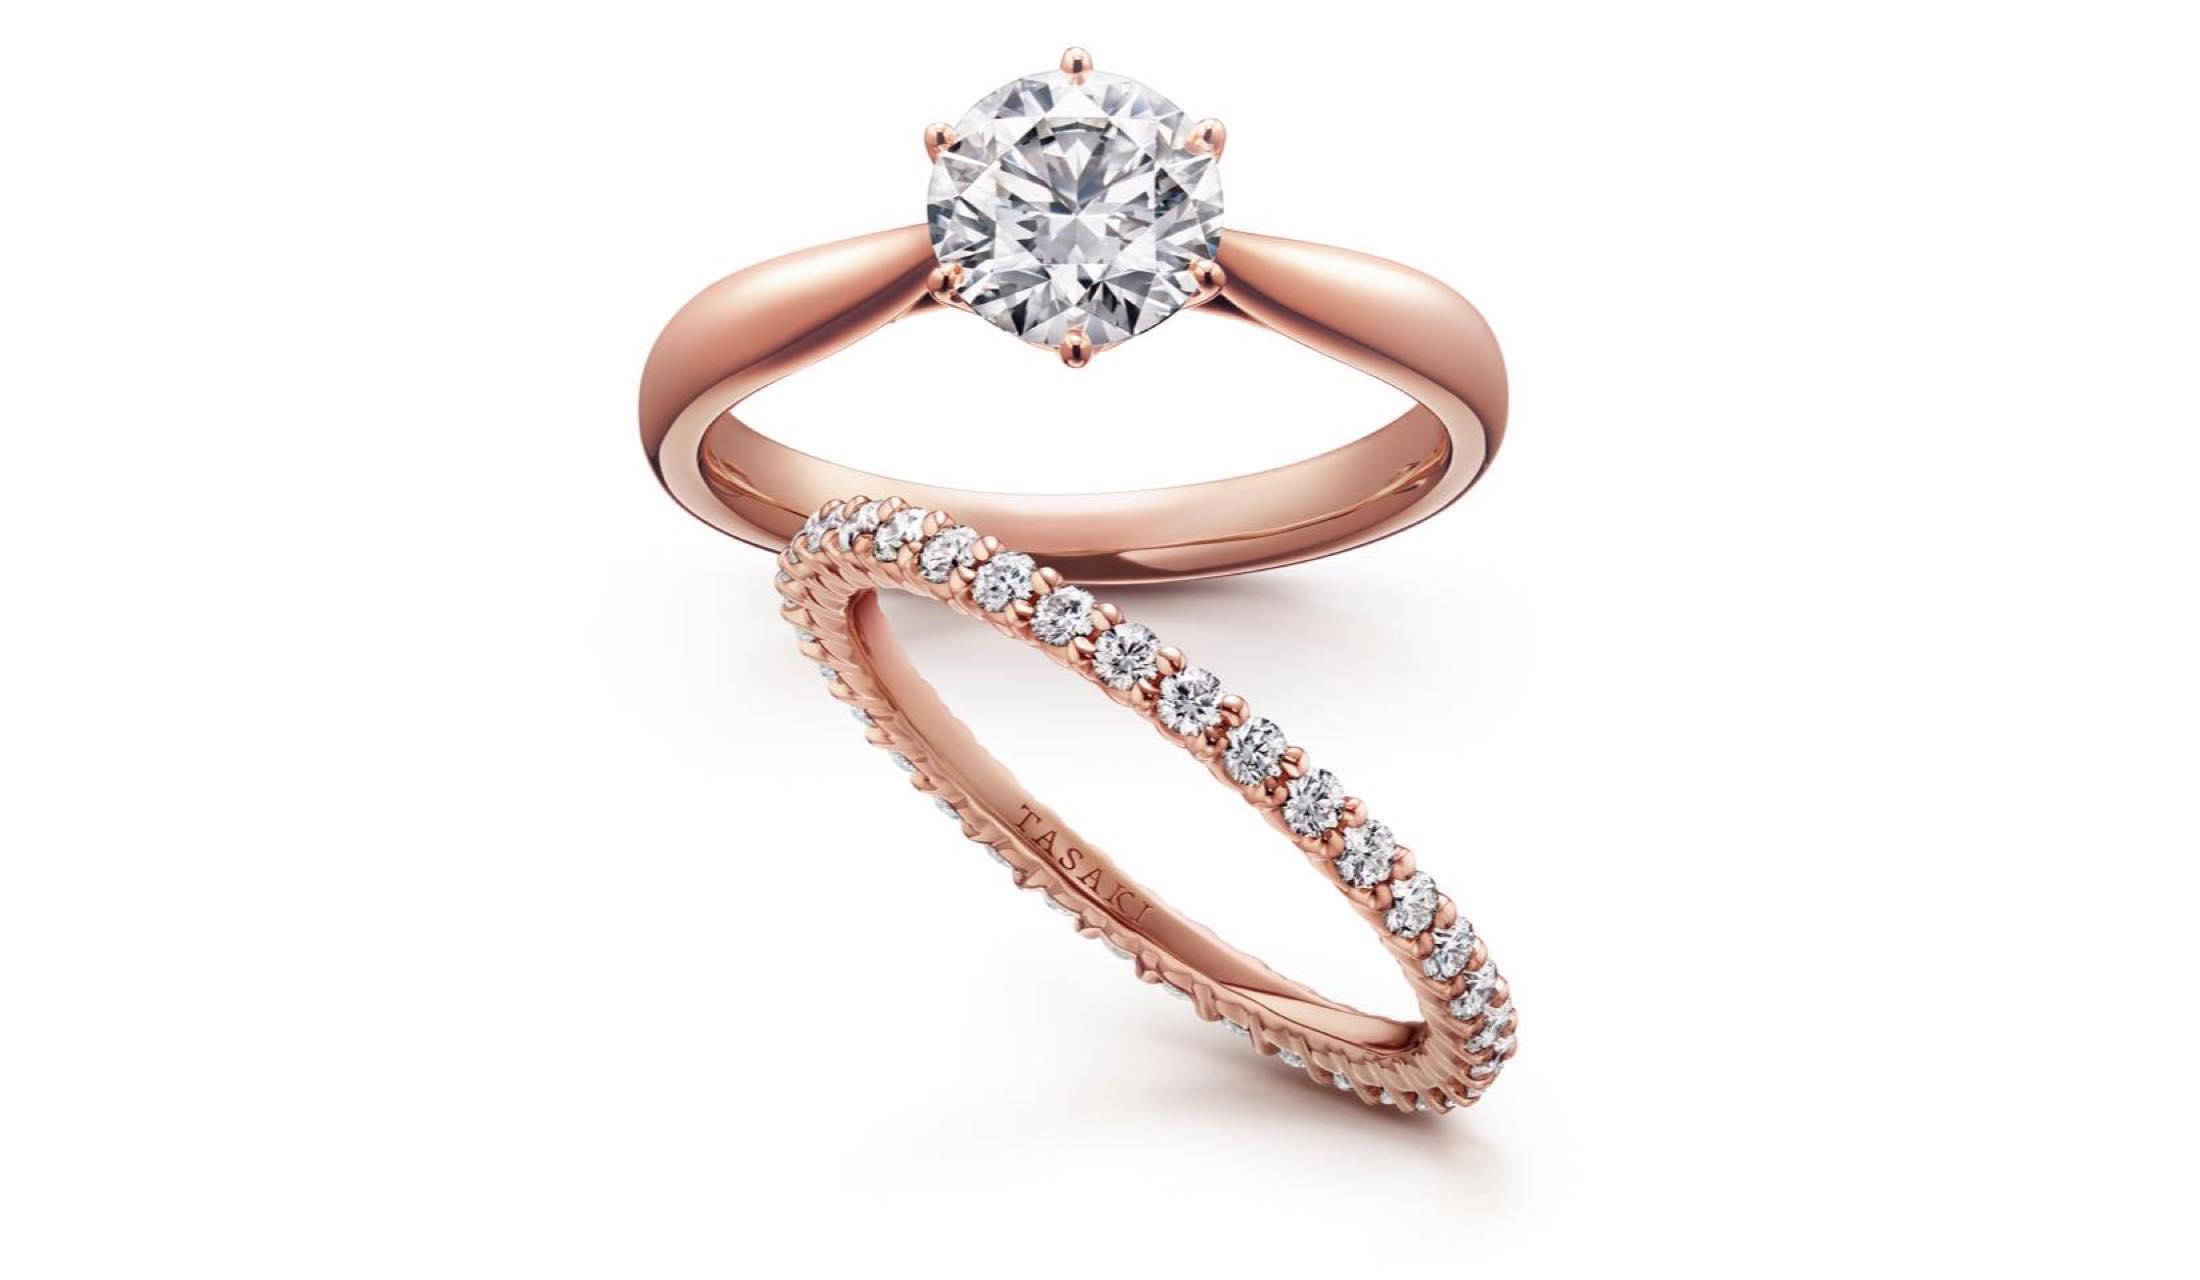 TASAKIのダイヤモンドリング「ピアチェーレ」「ブリッランテ」